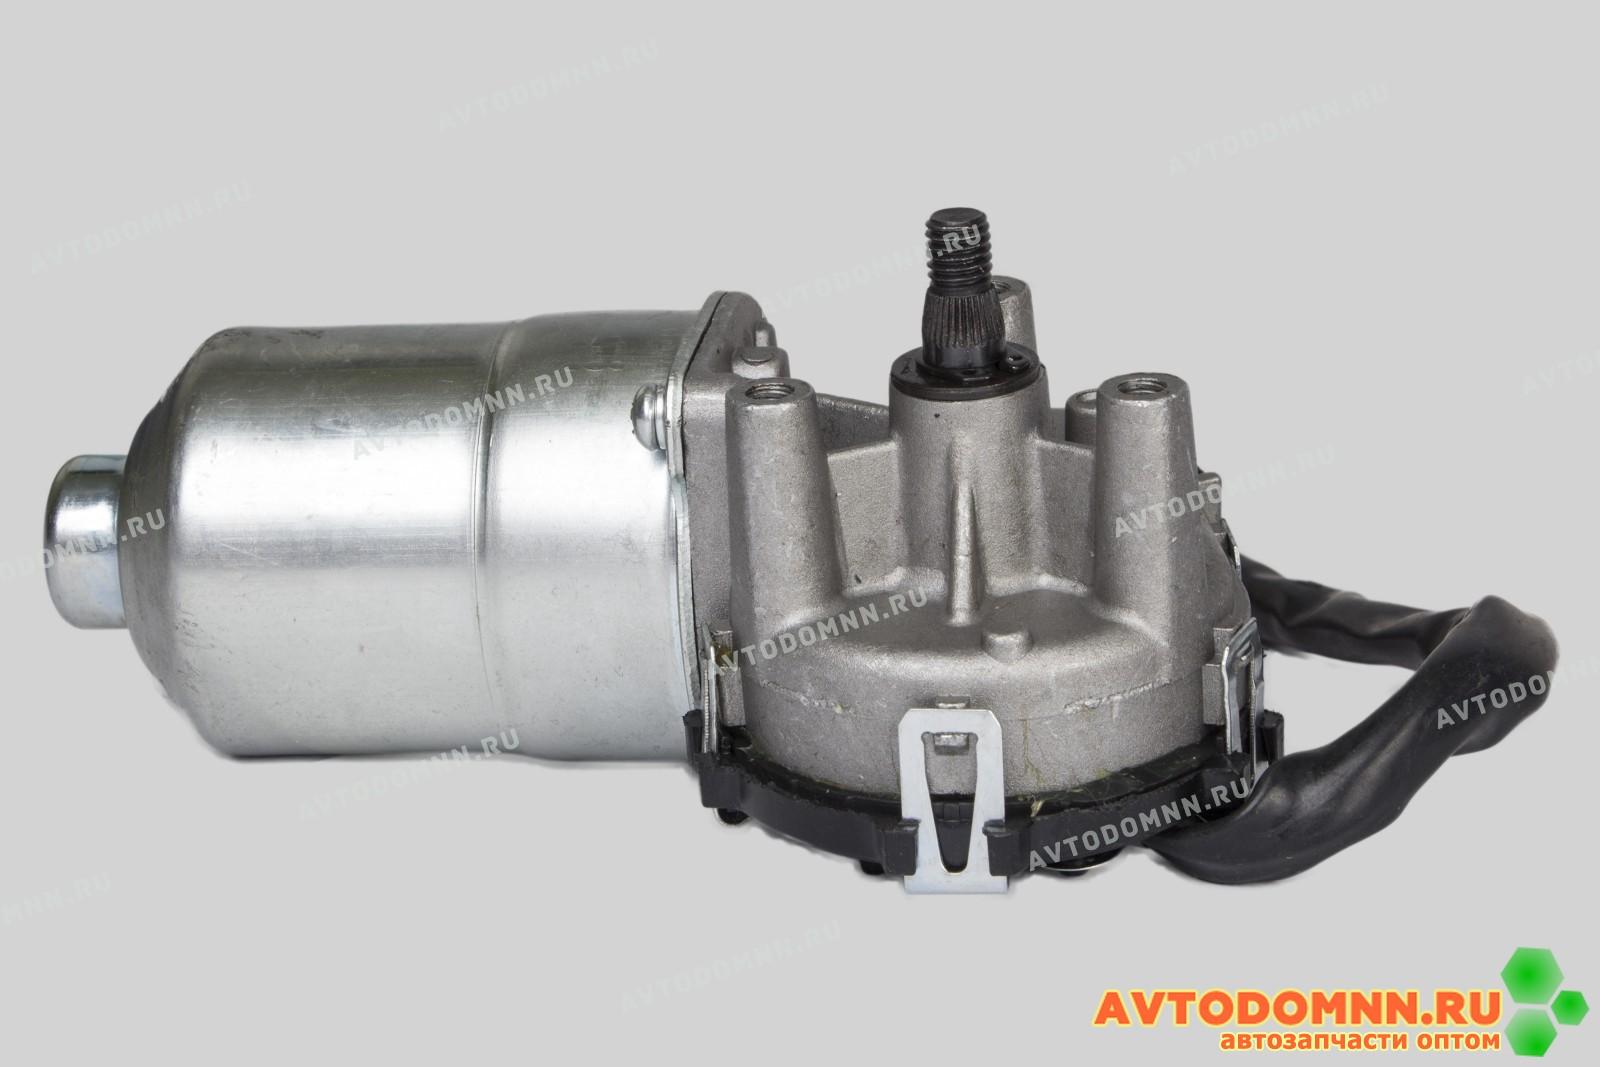 0 390 243 201 мотор (моторедуктор) стеклоочистителя 0 390 243 201 Газель Бизнес (12В/40Вт) аналог БОШ